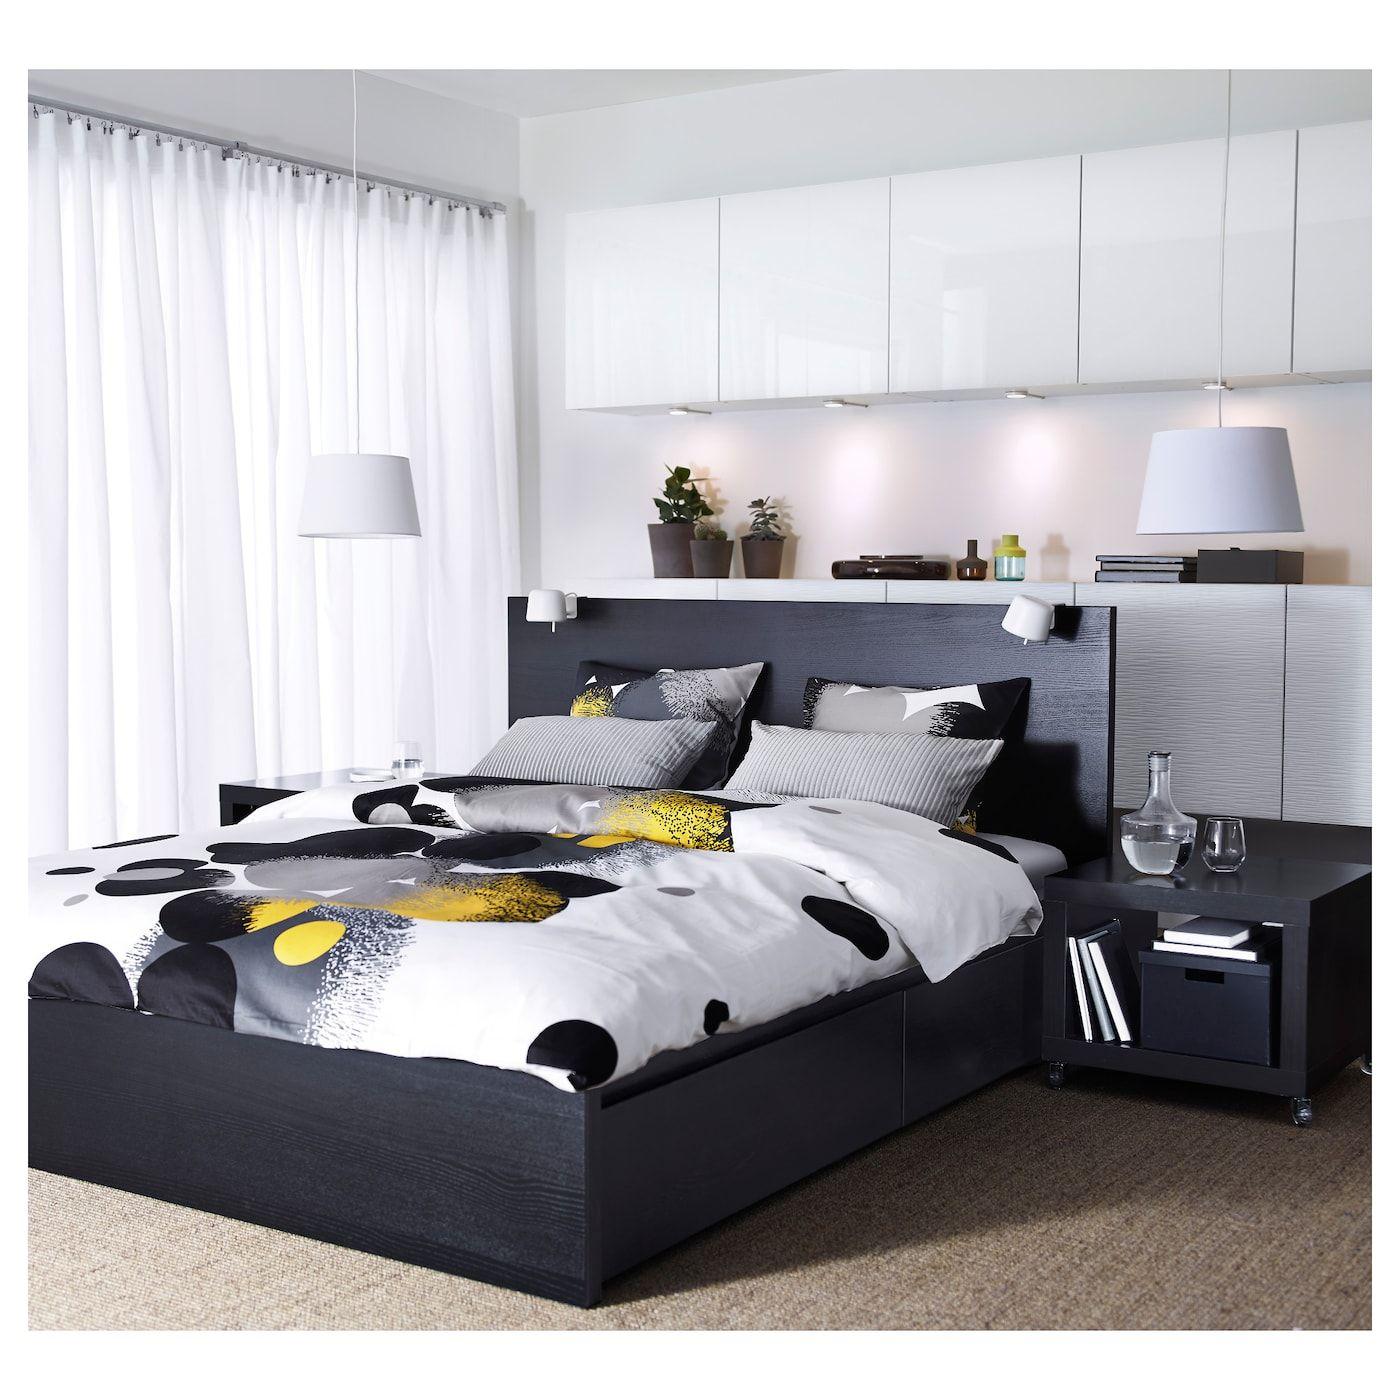 Malm Bettgestell Hoch Mit 2 Schubkasten Schwarzbraun Leirsund Ikea Schweiz Malm Bett Ikea Bett Verstellbare Betten